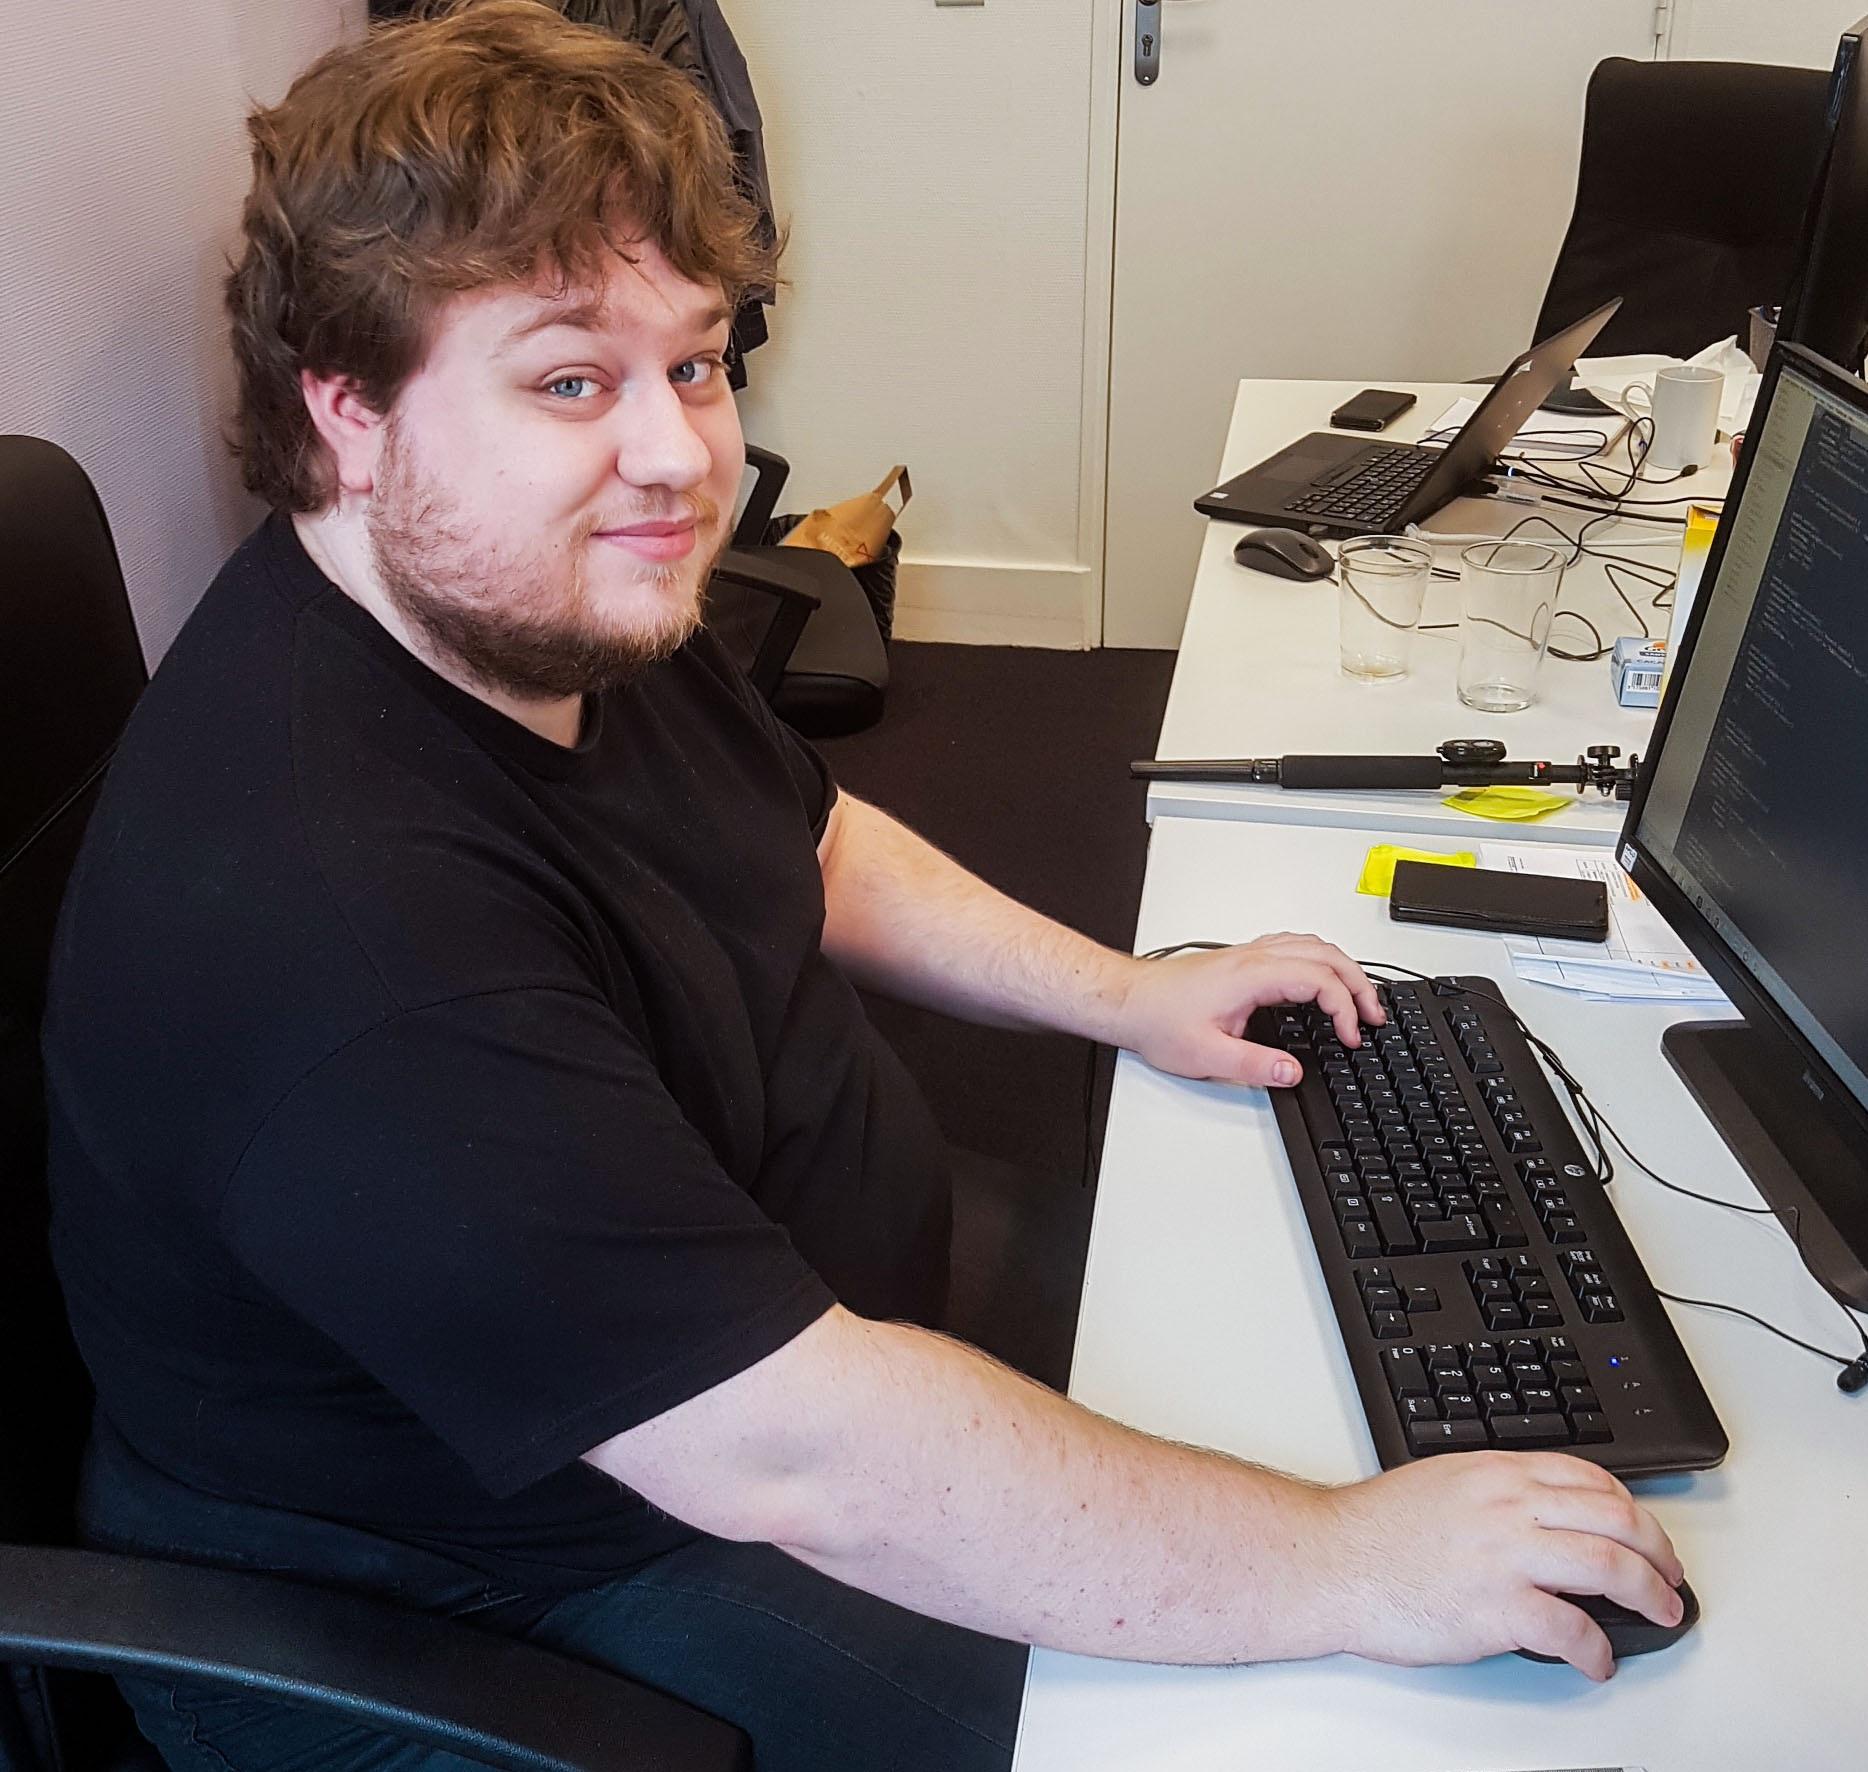 Frantz est notre développeur maison. Grâce à lui, les offres sont diffusées et les candidatures sont envoyées directement aux recruteurs. Ça aide un développeur!